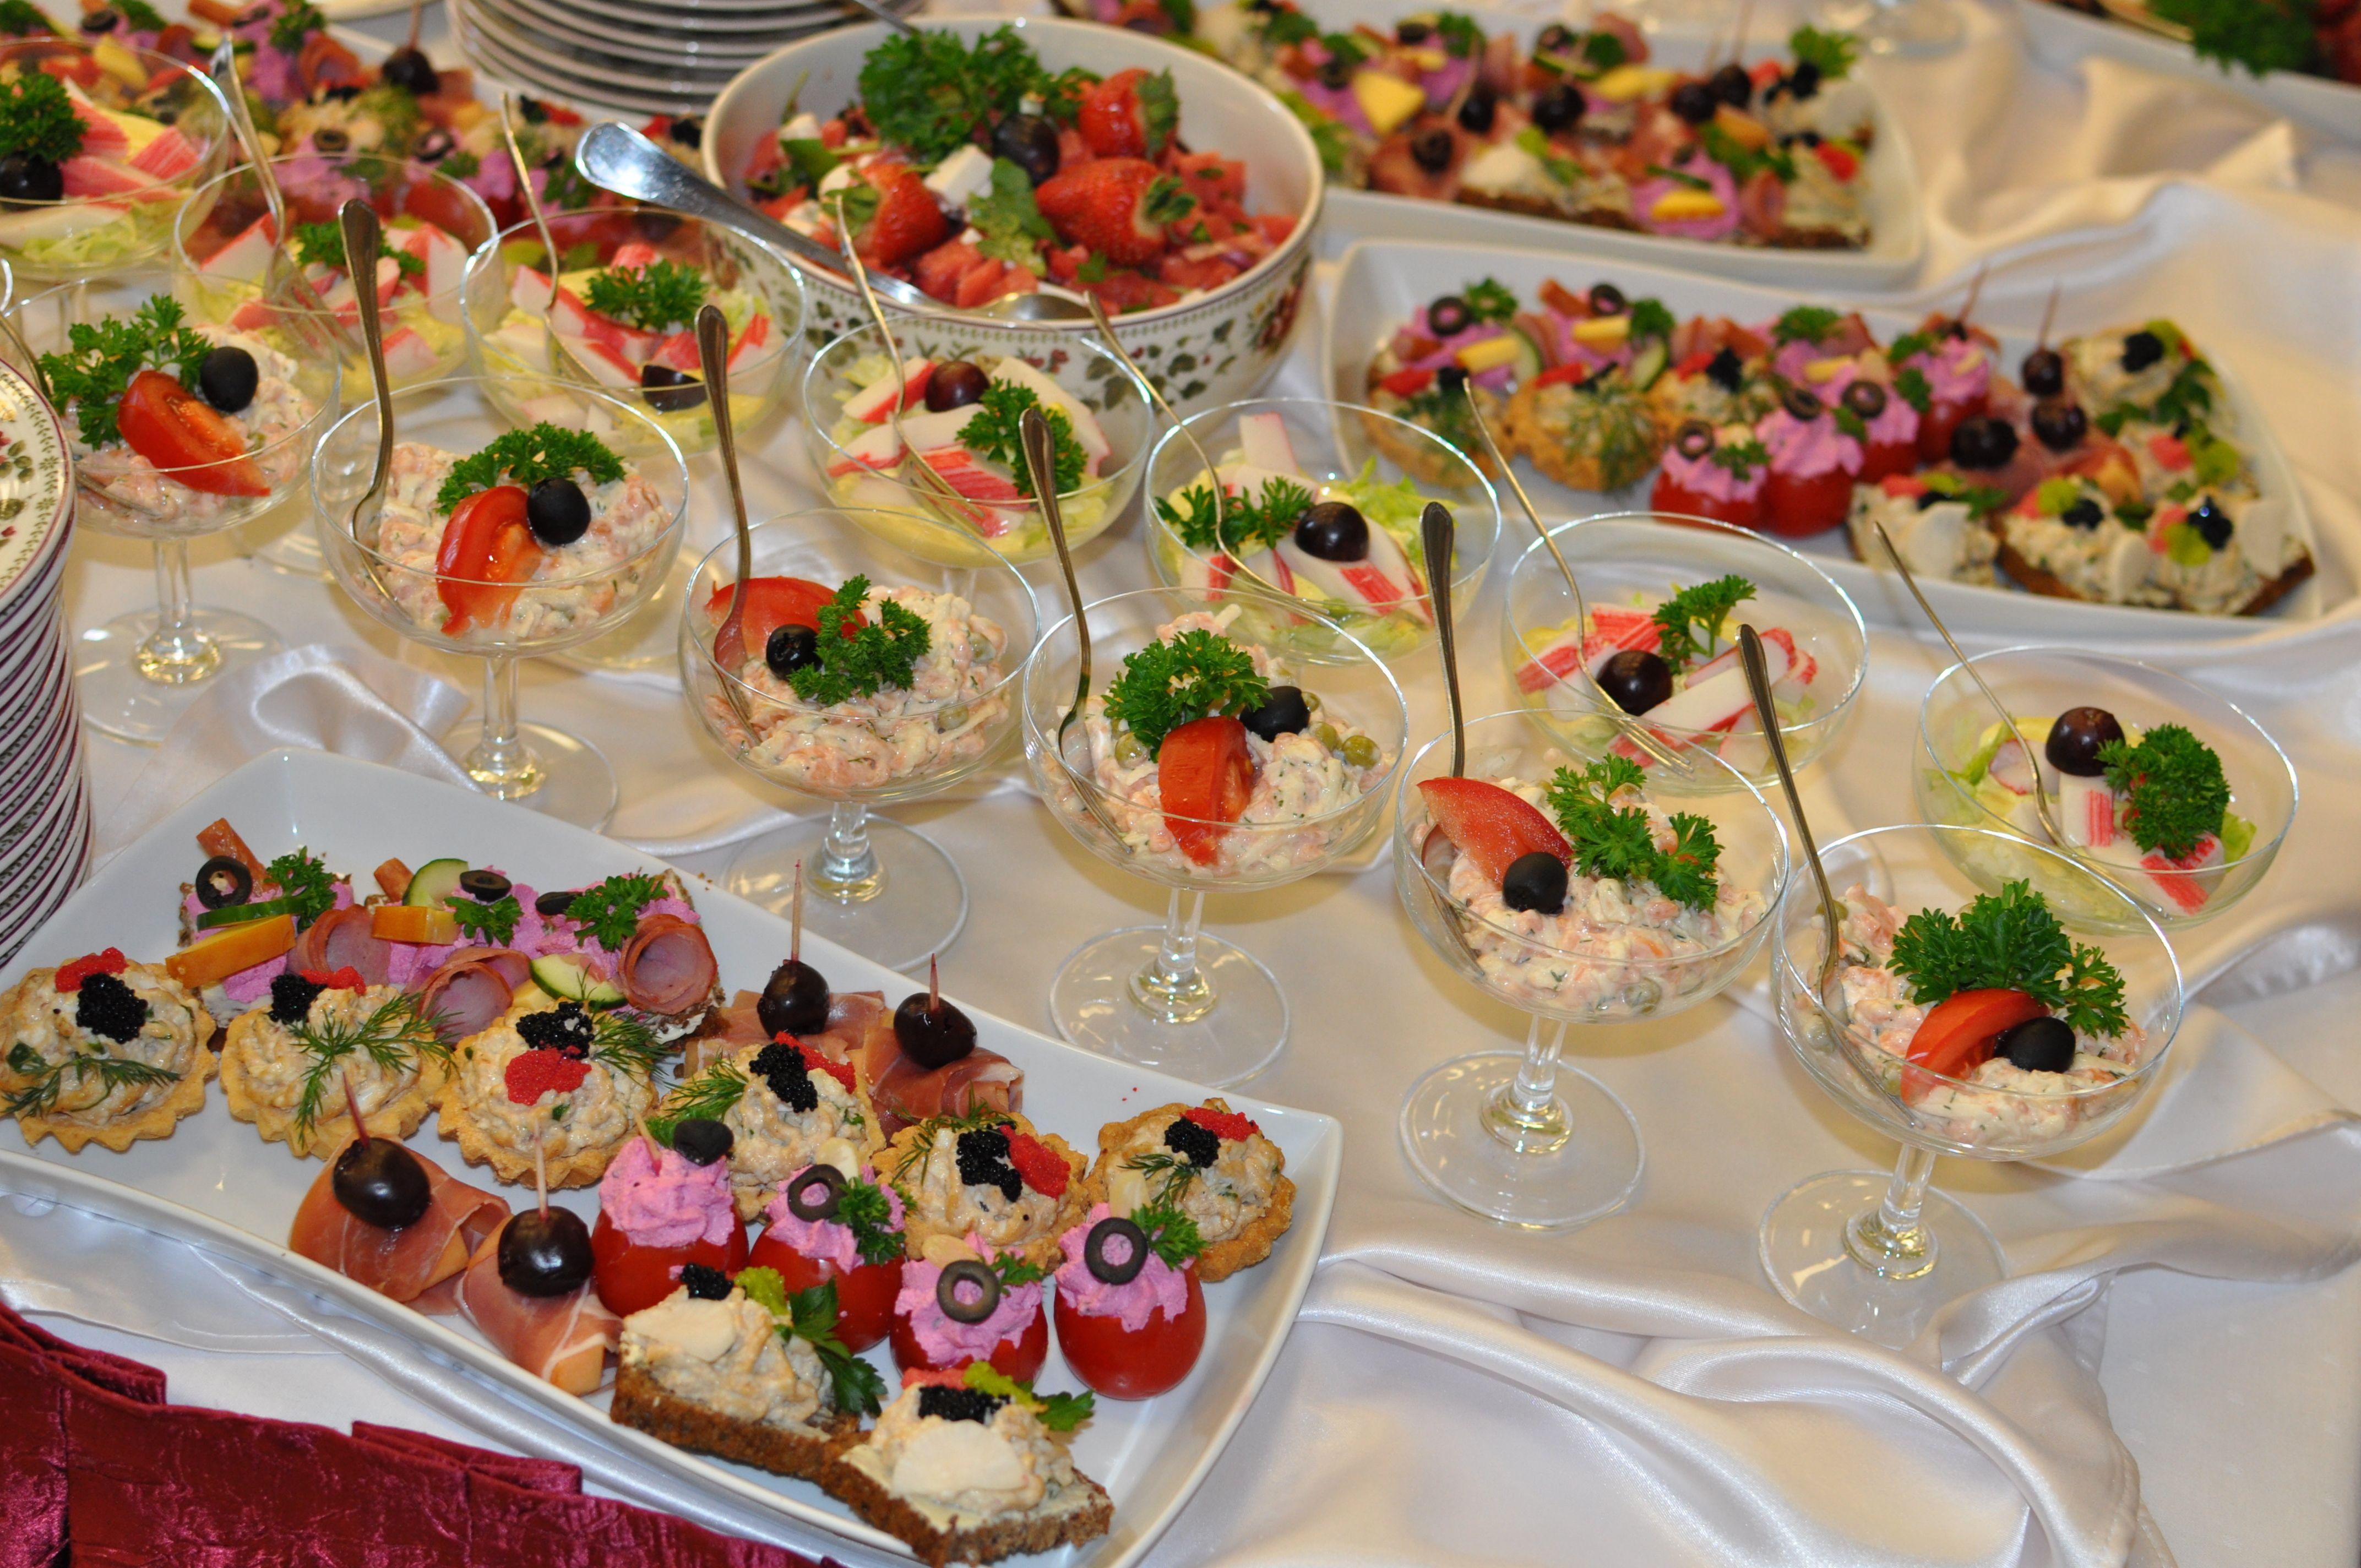 Zamiast Przygotowac Salatke W Jednej Duzej Misce Polecamy Poporcjowac Ja Na Male Pucharki Efekt Jest O Wiele Lepszy Table Settings Decor Table Decorations